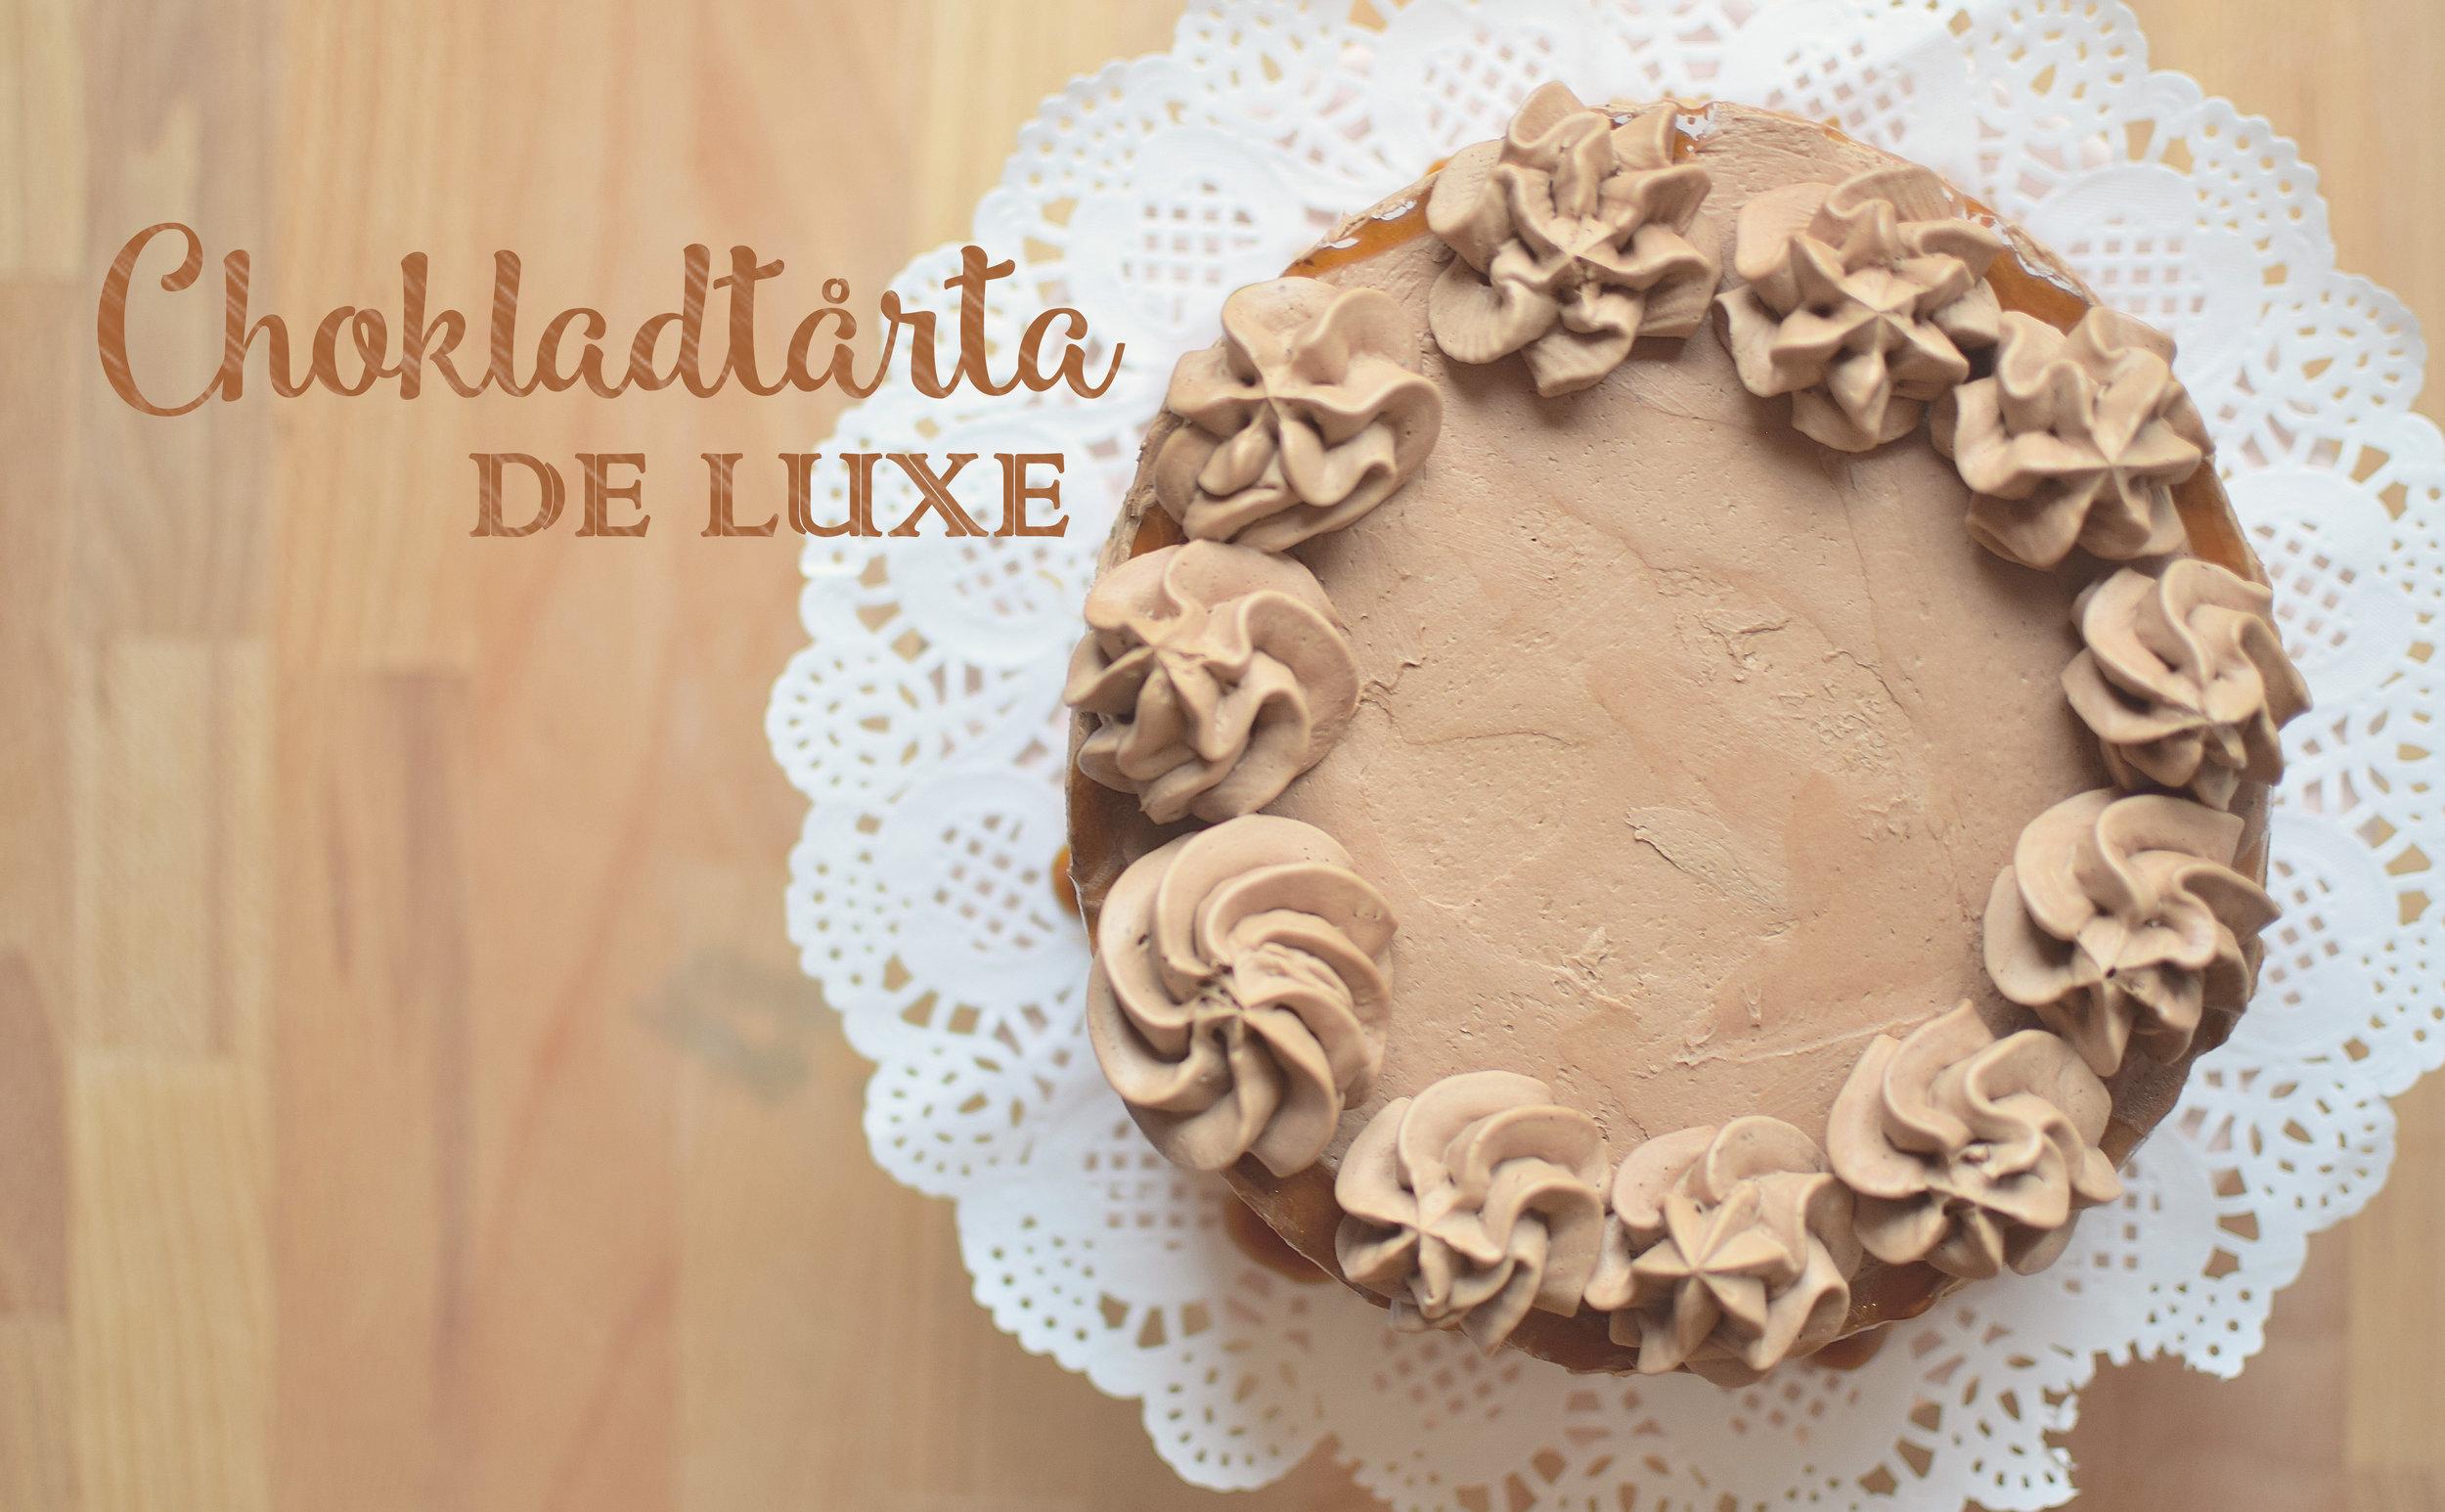 chokladtacc8arta-de-luxe.jpg